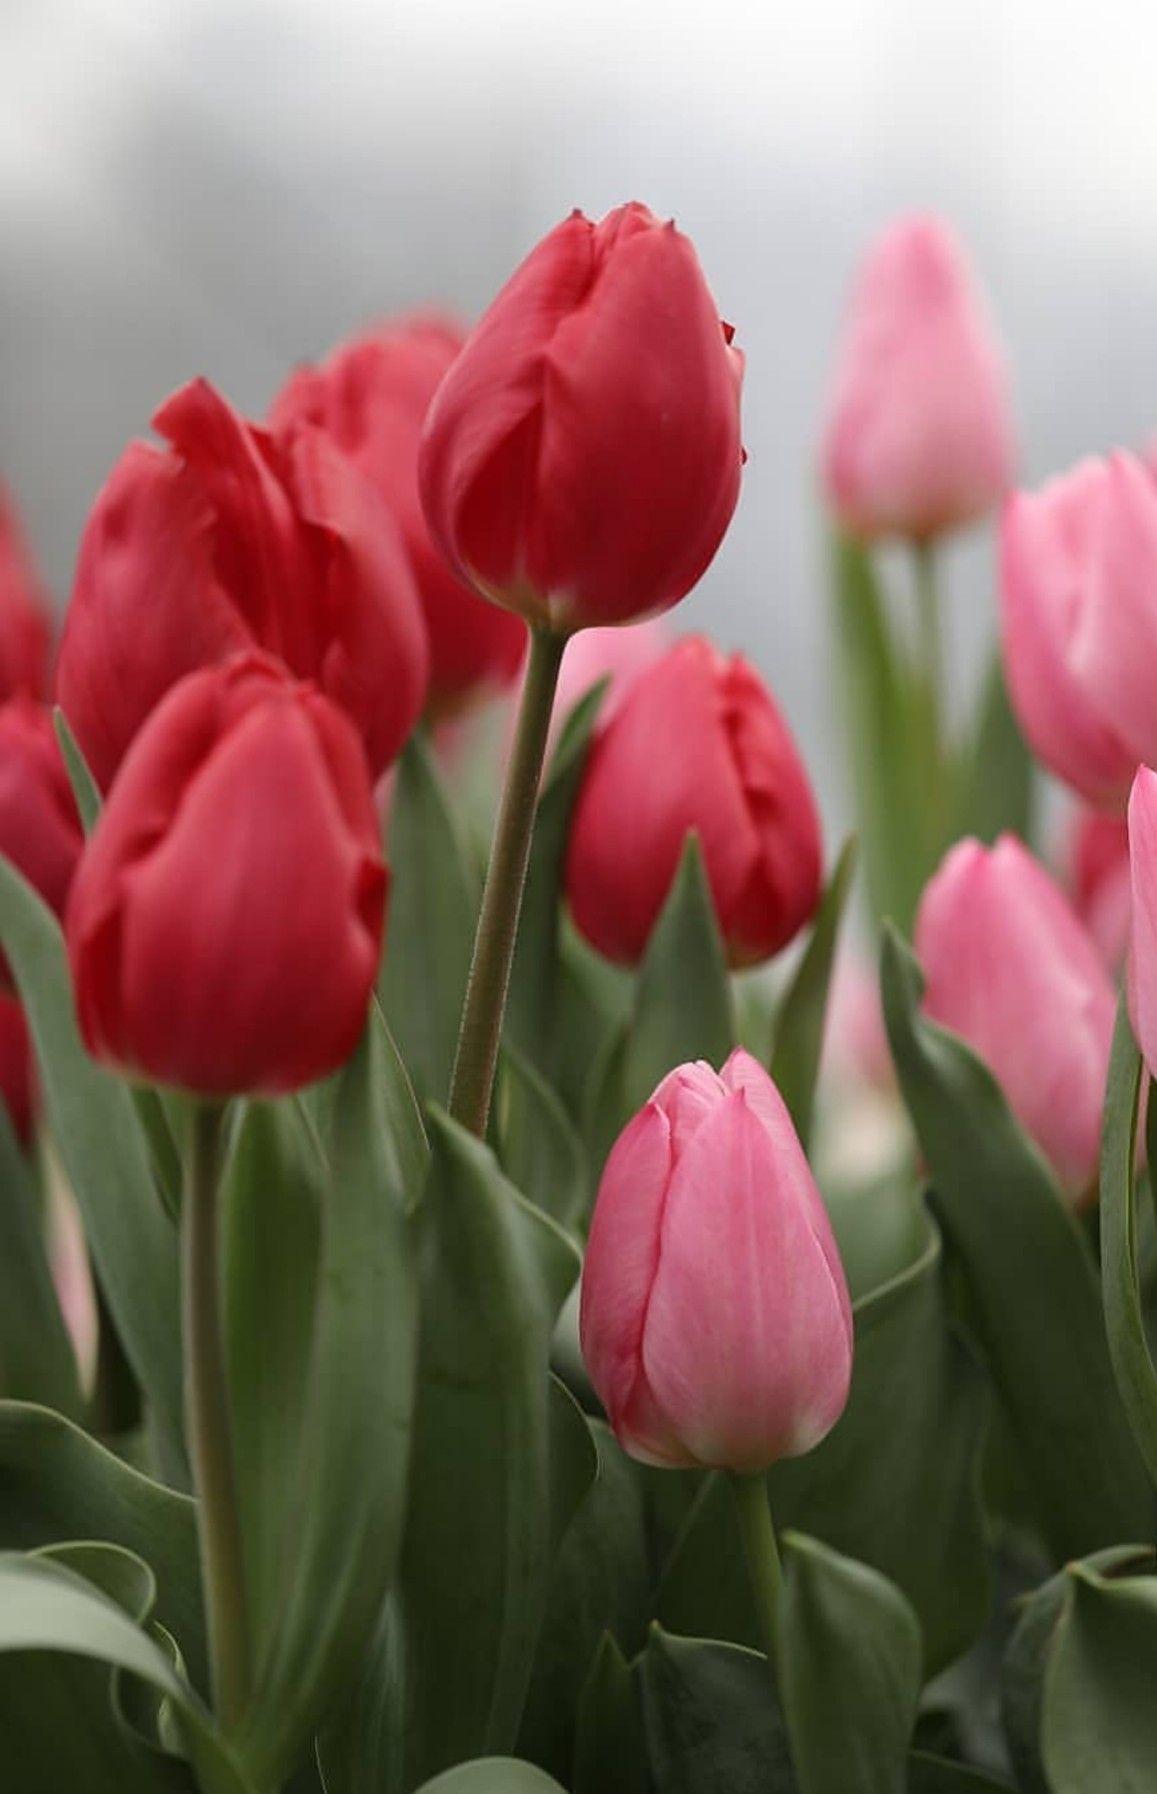 Pin By Akyanush Alulyan On բնական նկարներ In 2020 Tulip Flower Pictures Spring Flowers Beautiful Flowers